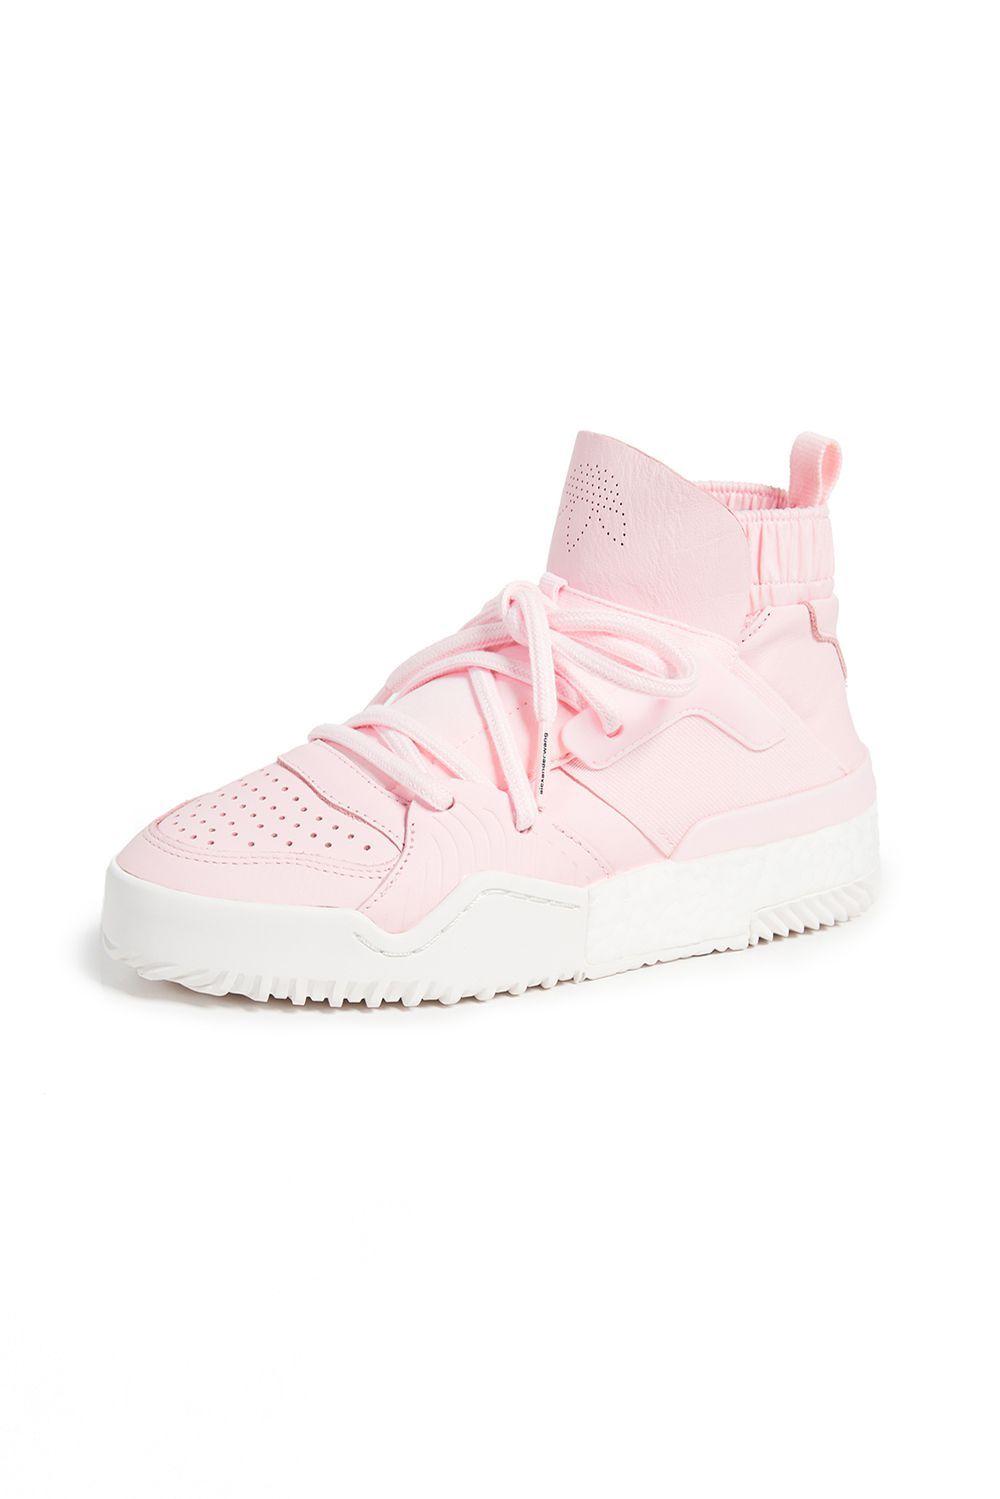 Sneaker Trends of 2019